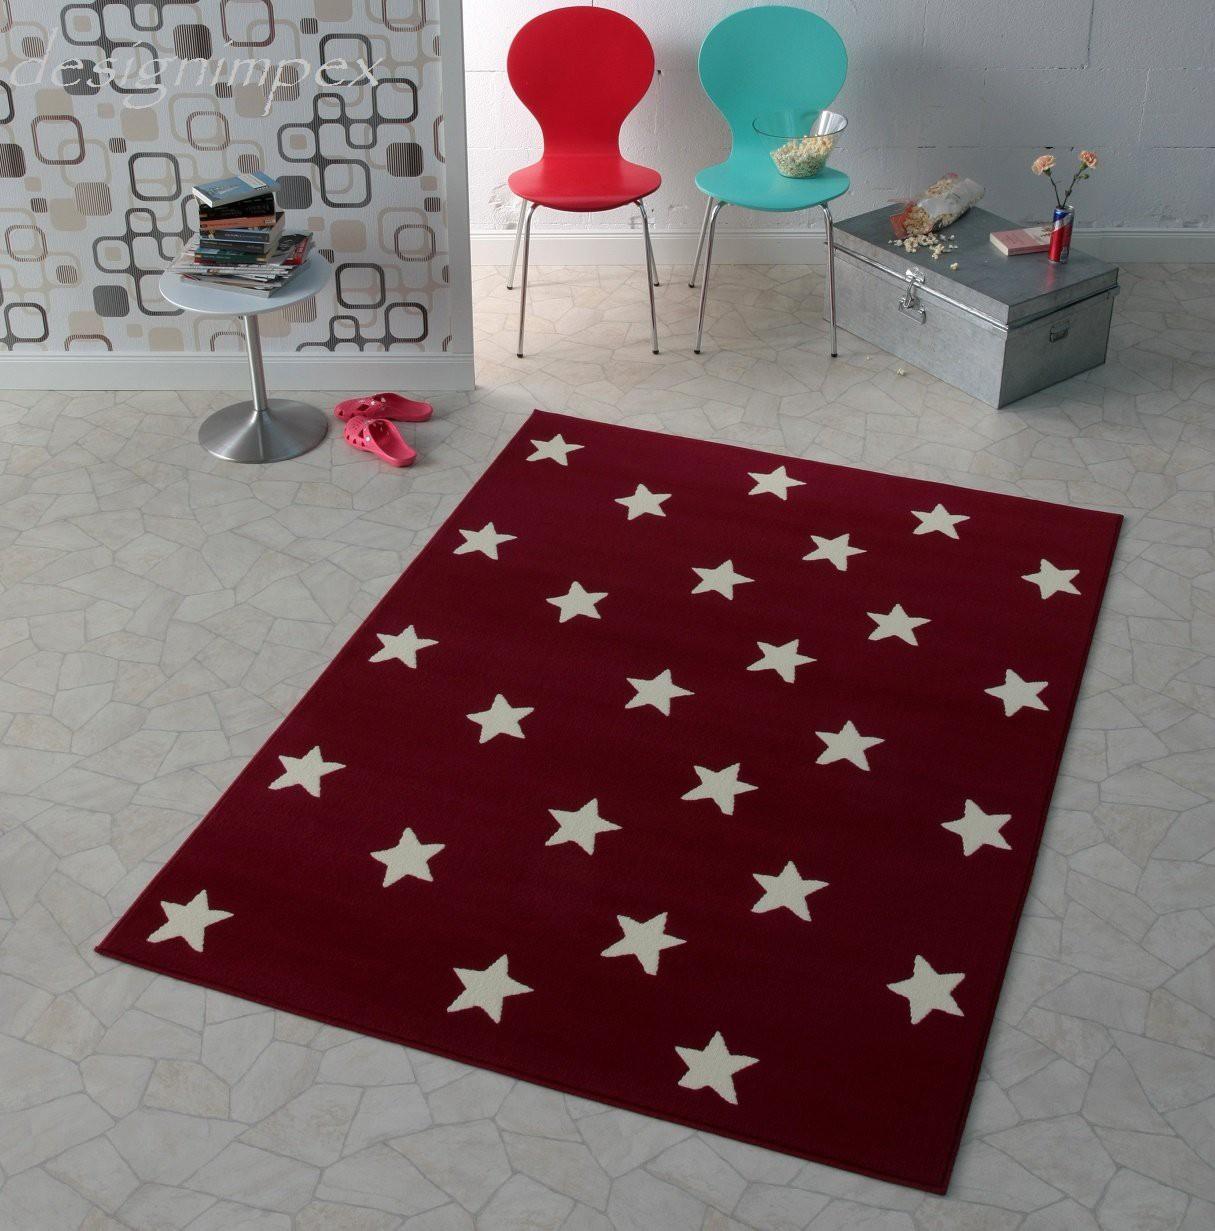 trend teppich stern sterne rot 140 x 200 cm tn 11 neu teppiche design trend teppiche. Black Bedroom Furniture Sets. Home Design Ideas